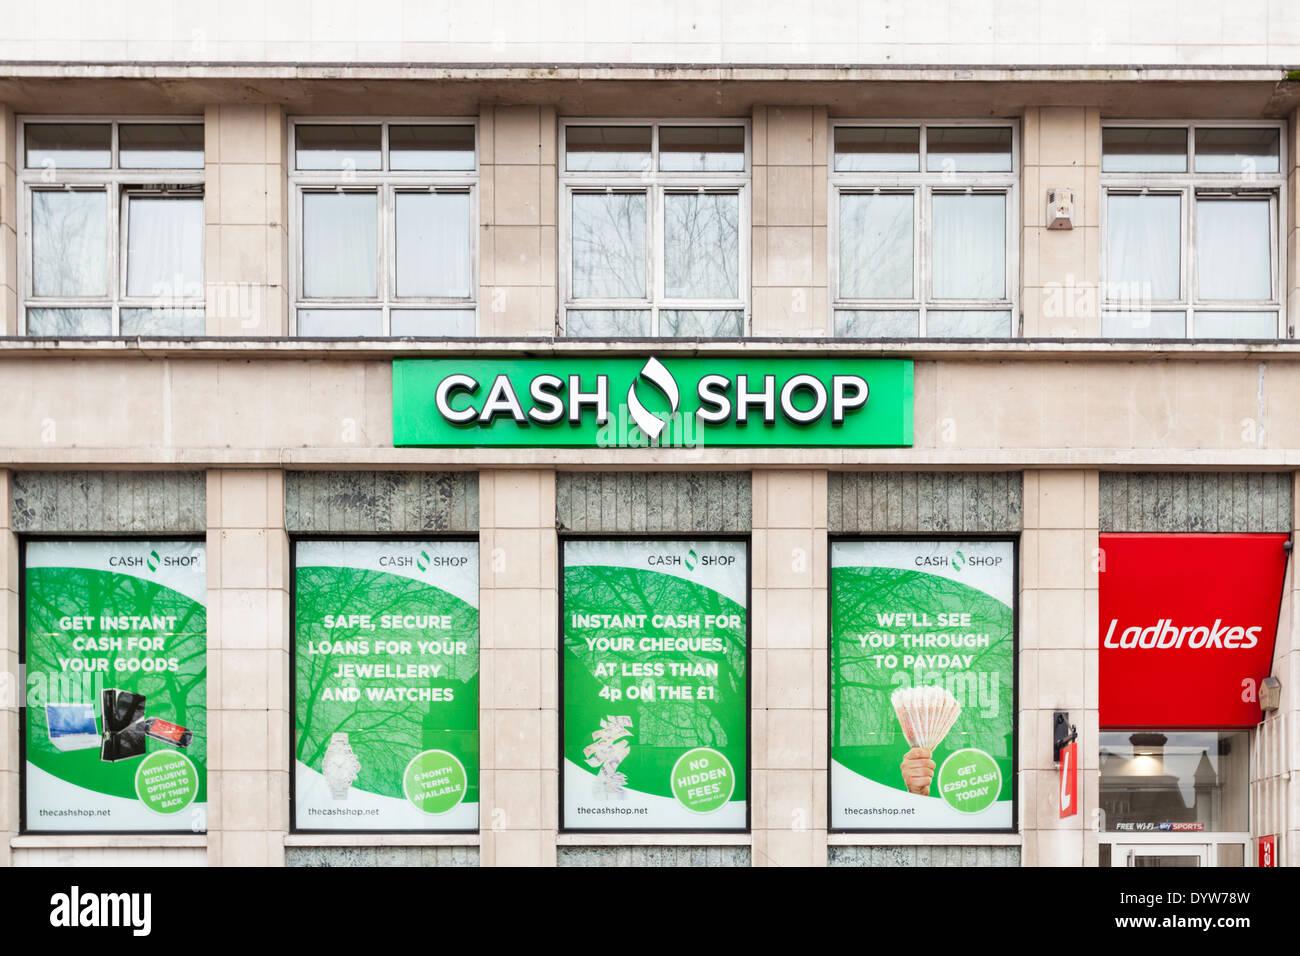 Money shark loan company image 4